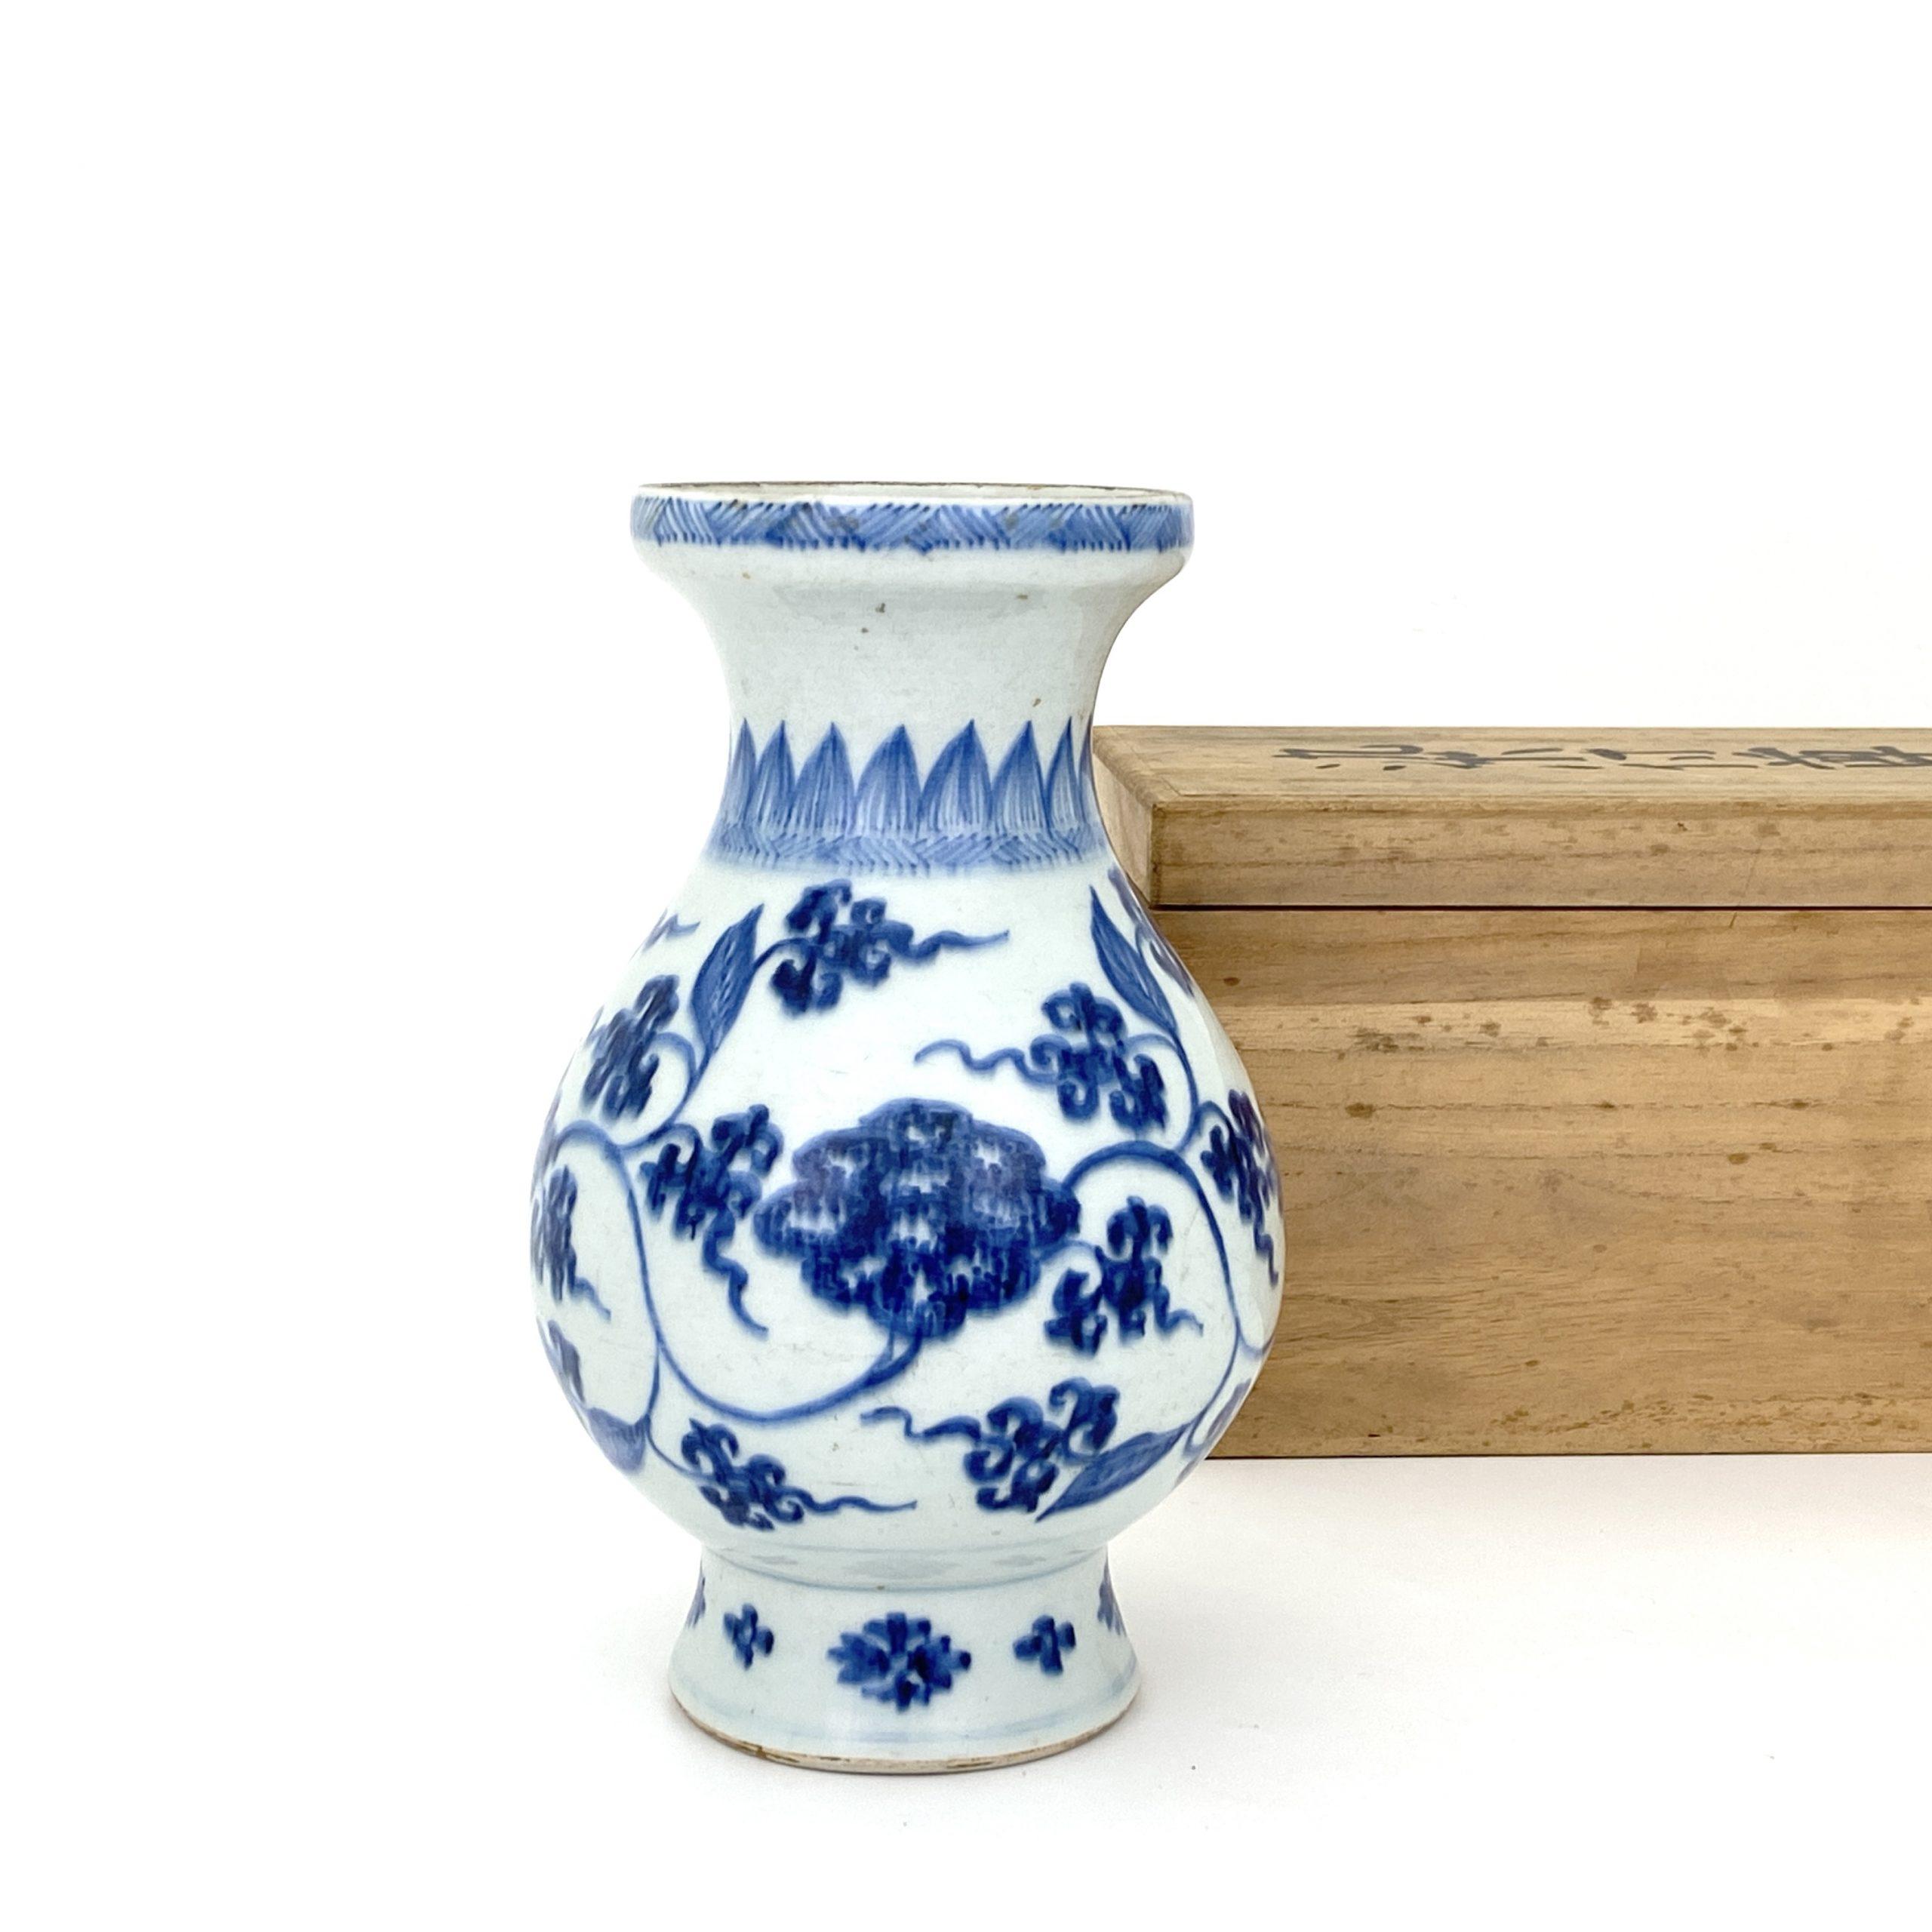 21669清初 青花 蓮花図 瓶